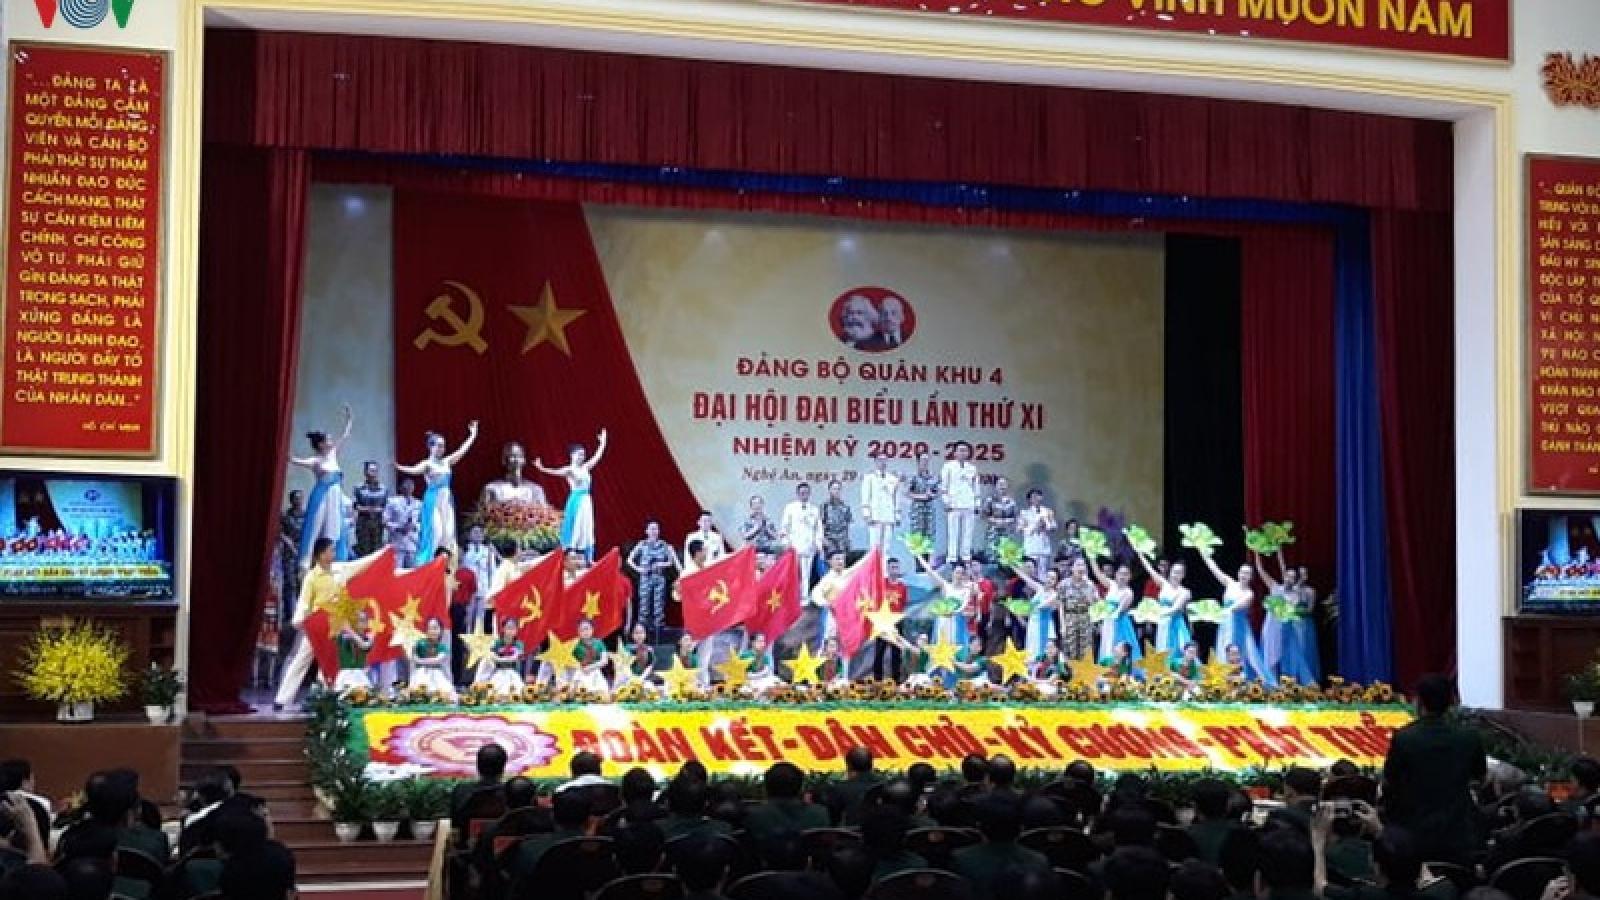 Khai mạc Đại hội Đại biểu Đảng bộ Quân khu 4 lần thứ XI